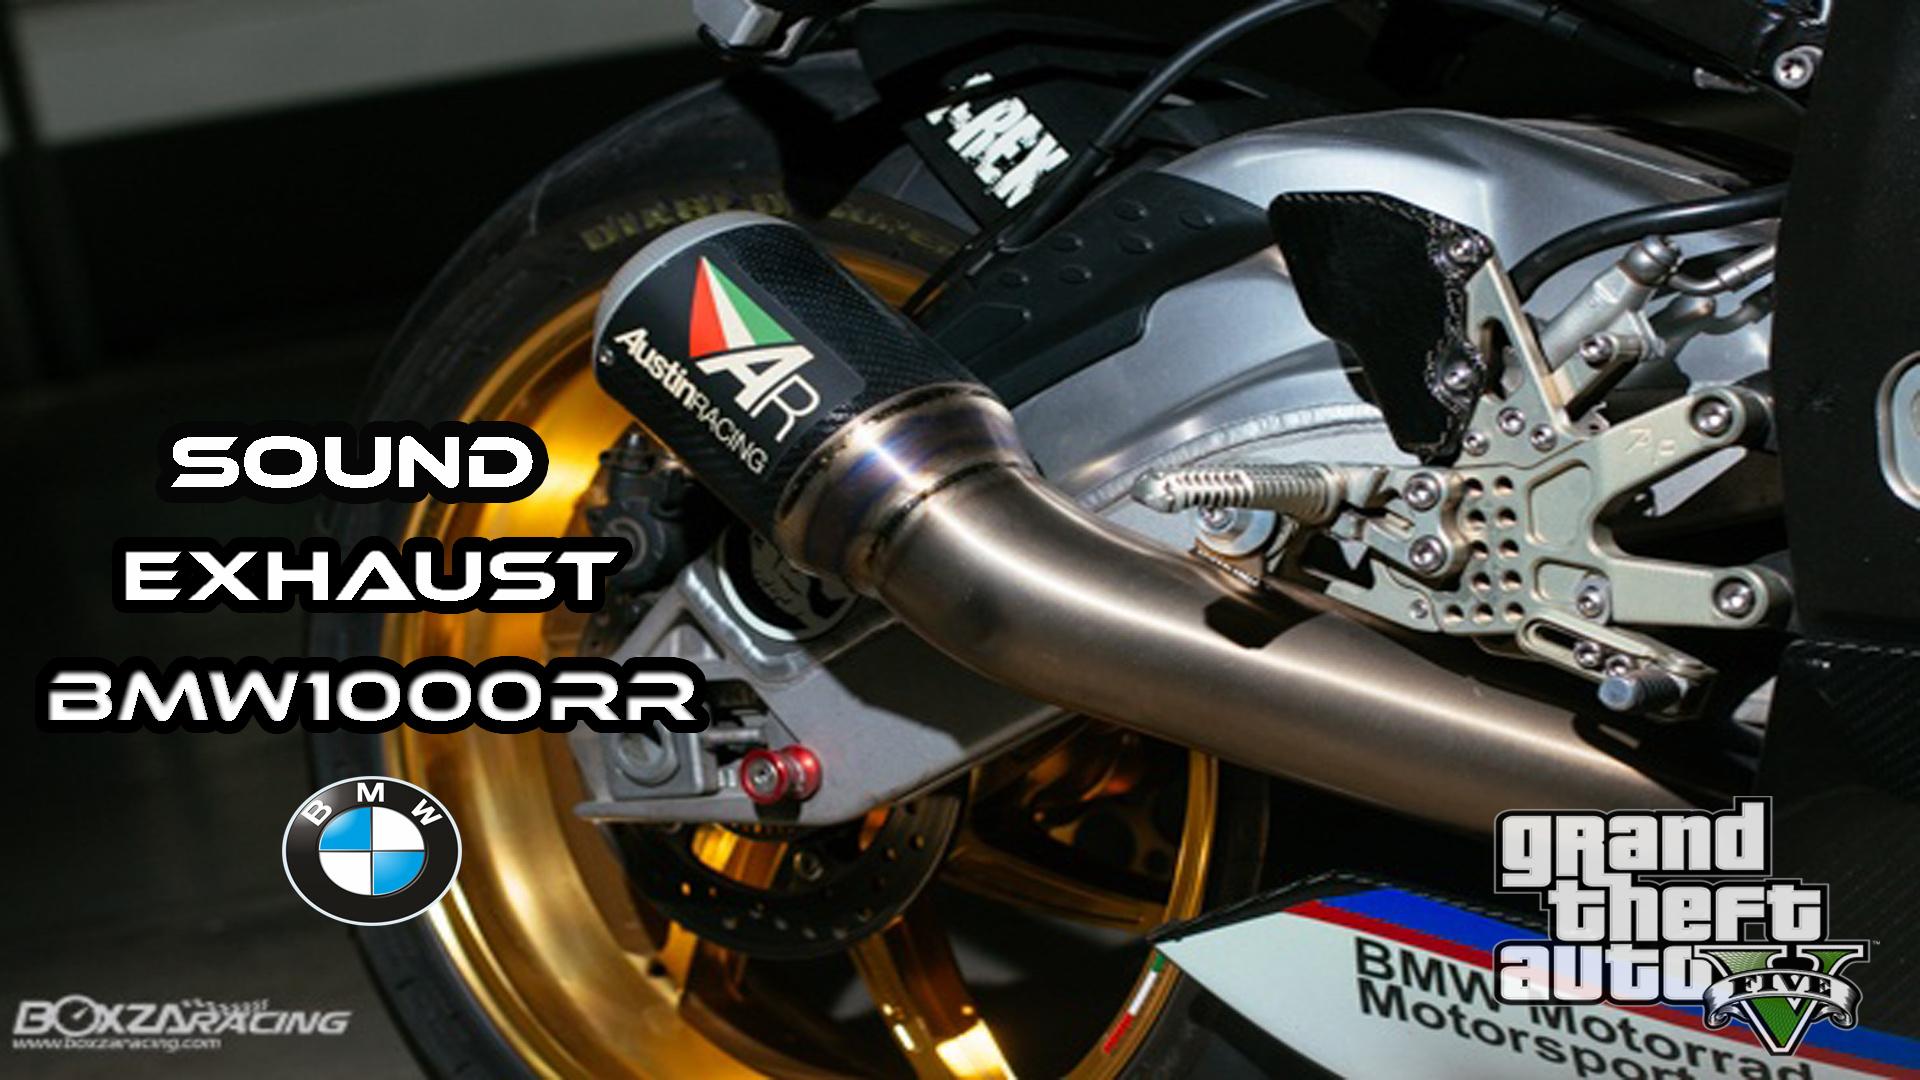 Bmw1000rr Exhaust Sound Gta5 Mods Com